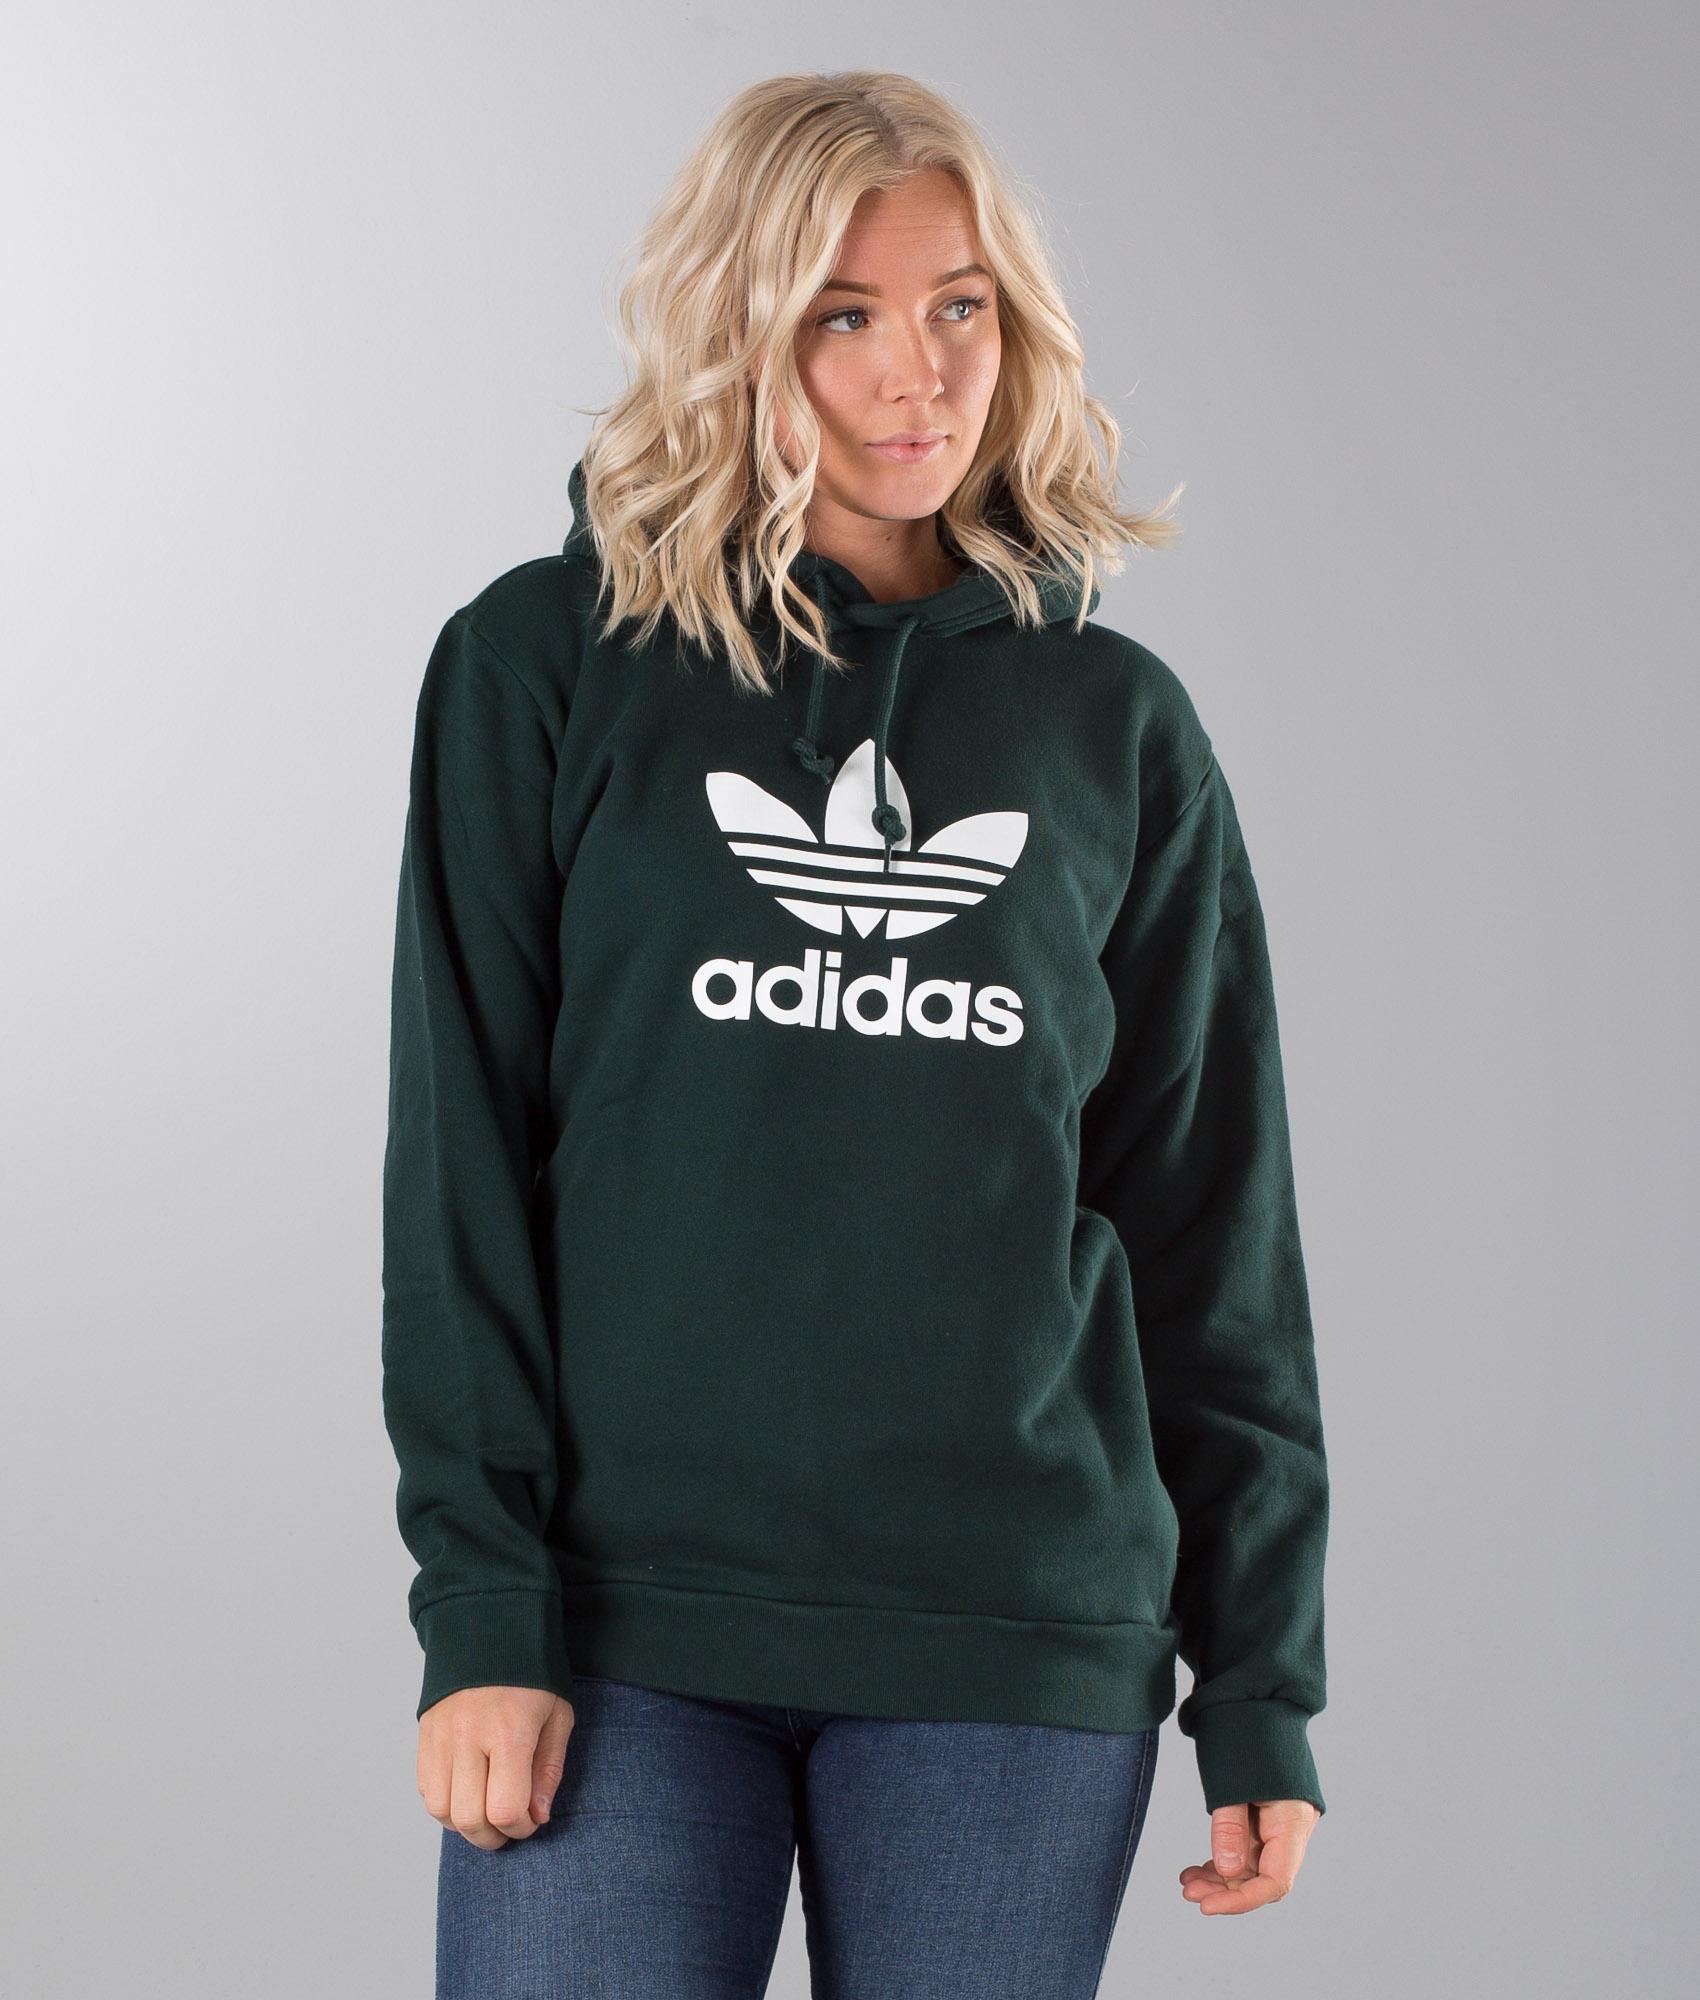 Streetwear HoodiesFree Streetwear Women's Delivery Ridestore Women's HoodiesFree v80mwONn